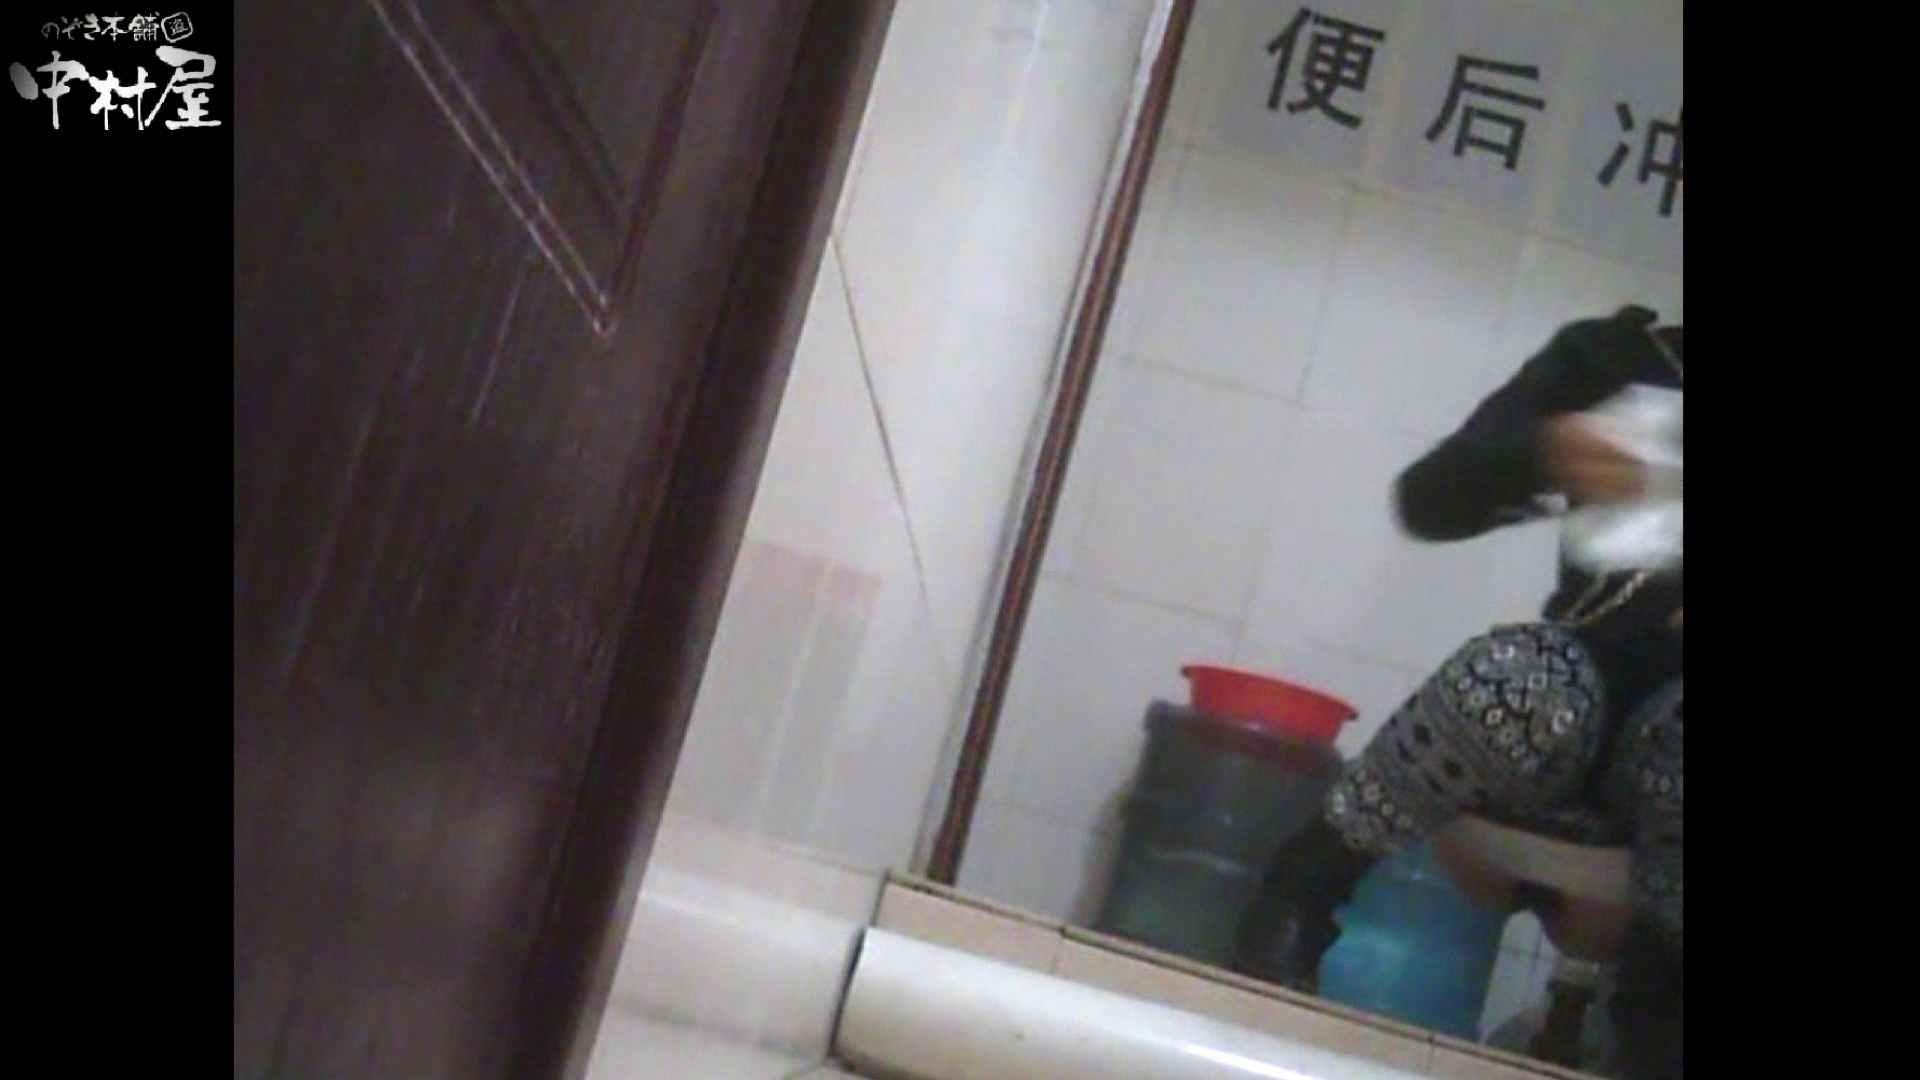 李さんの盗撮日記 Vol.09 盗撮 おめこ無修正画像 111画像 33